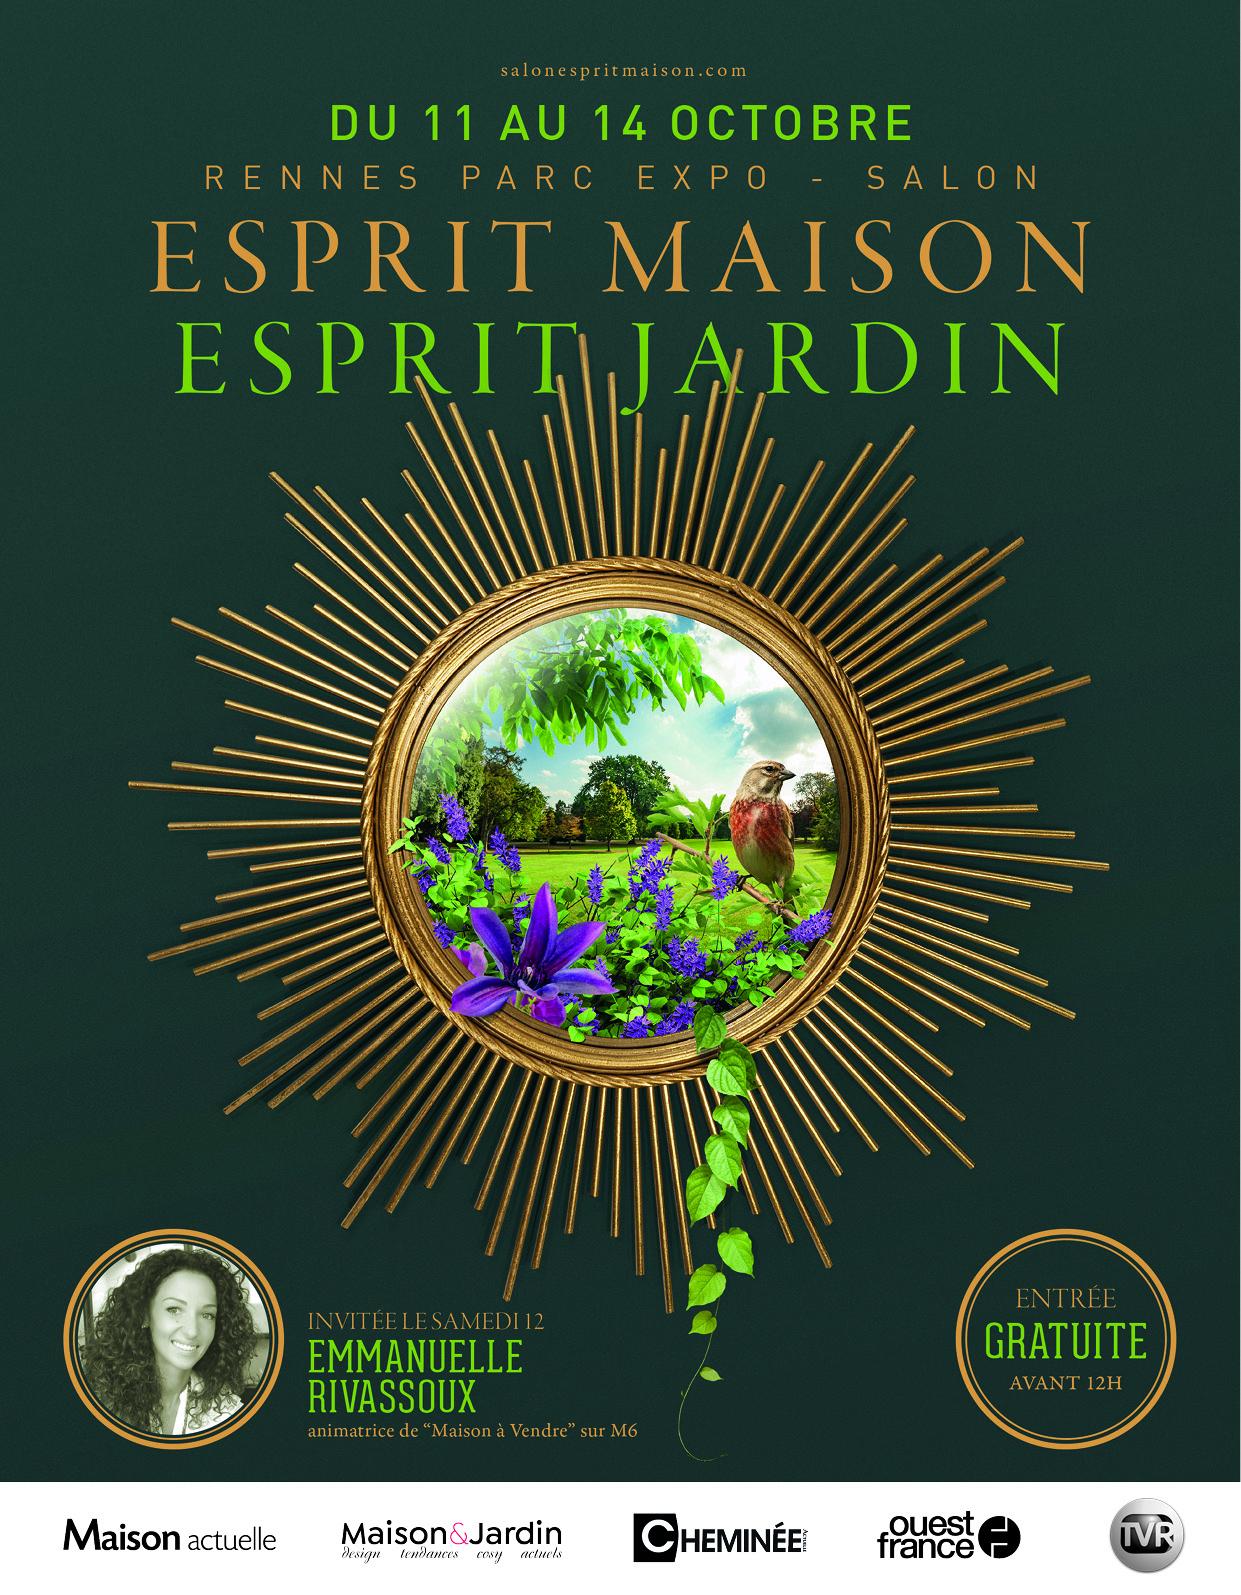 Le Salon Esprit Maison, Esprit Jardin à Rennes